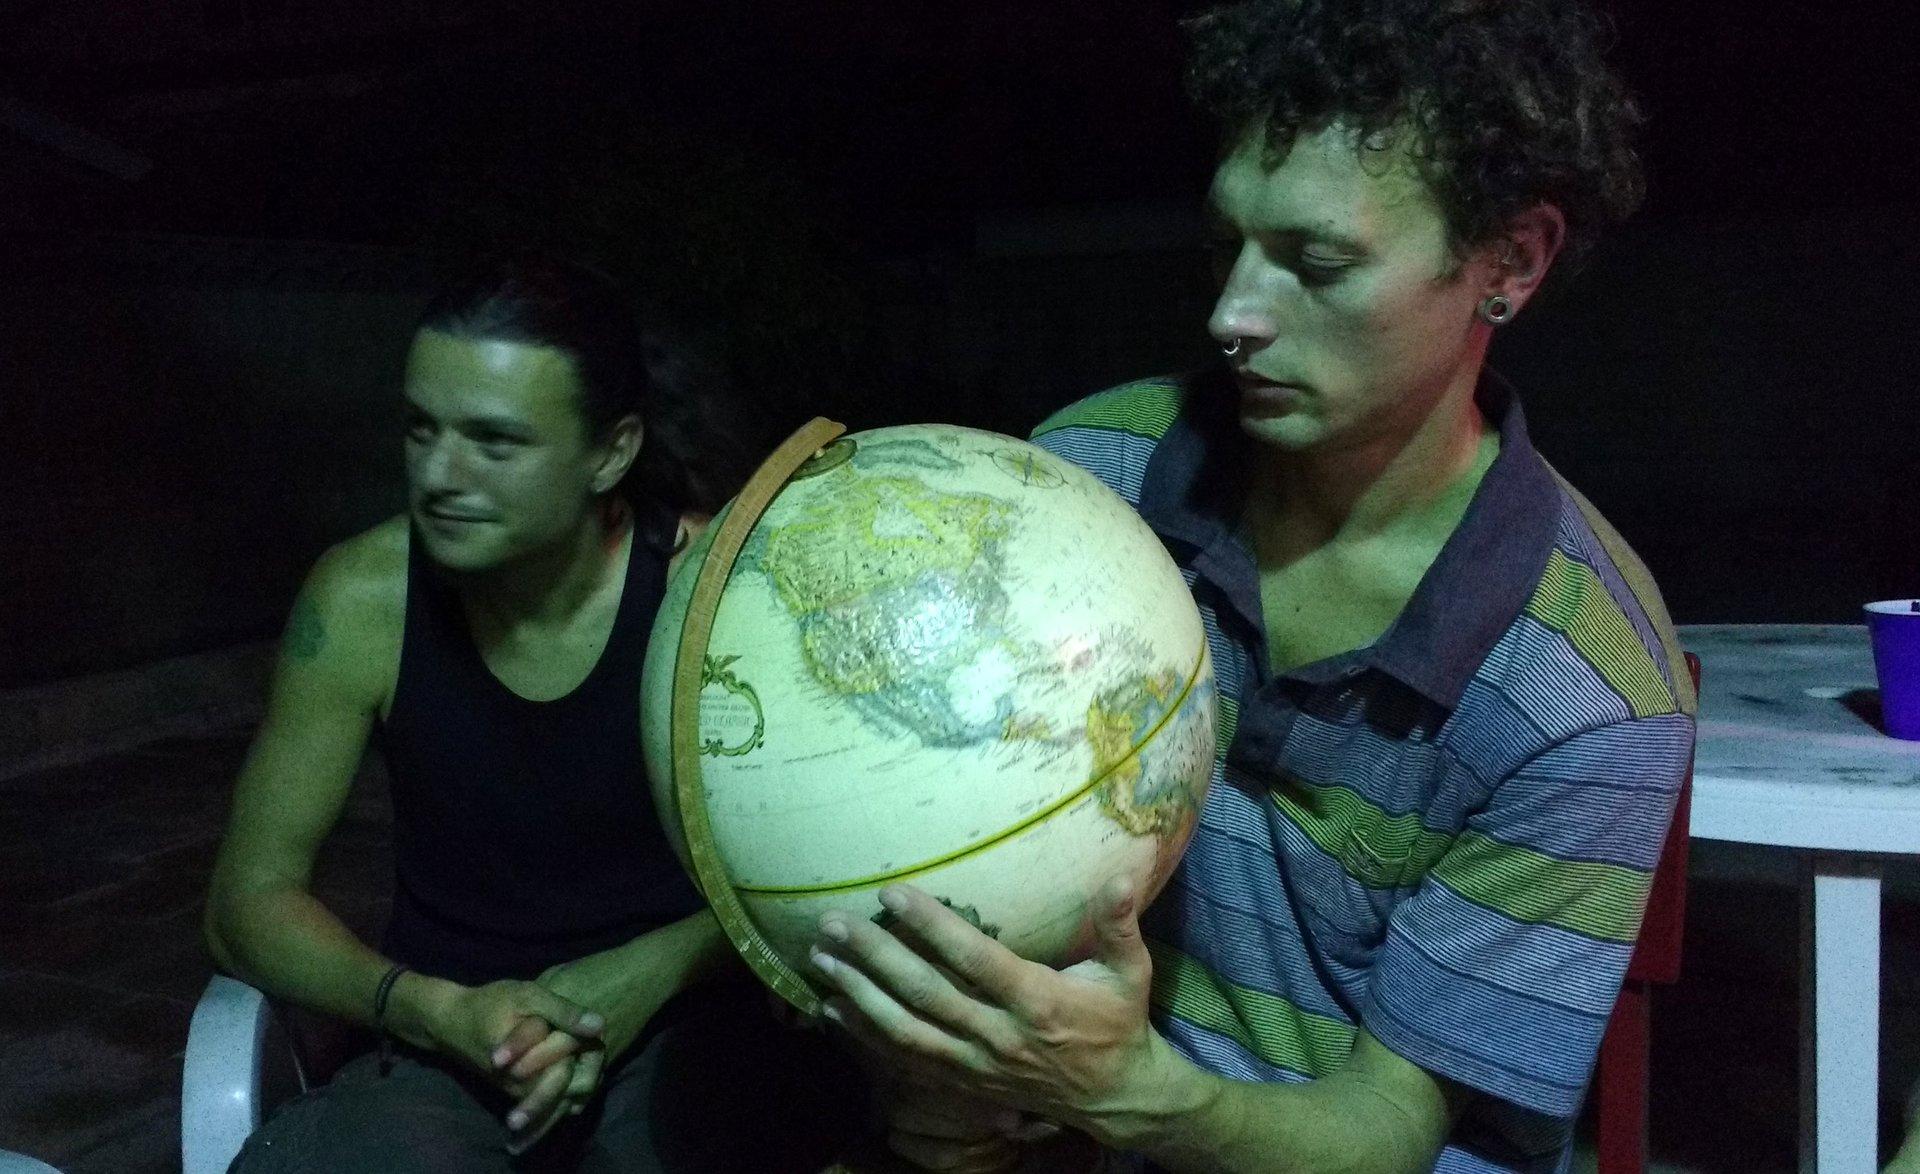 Antonio holding a globe